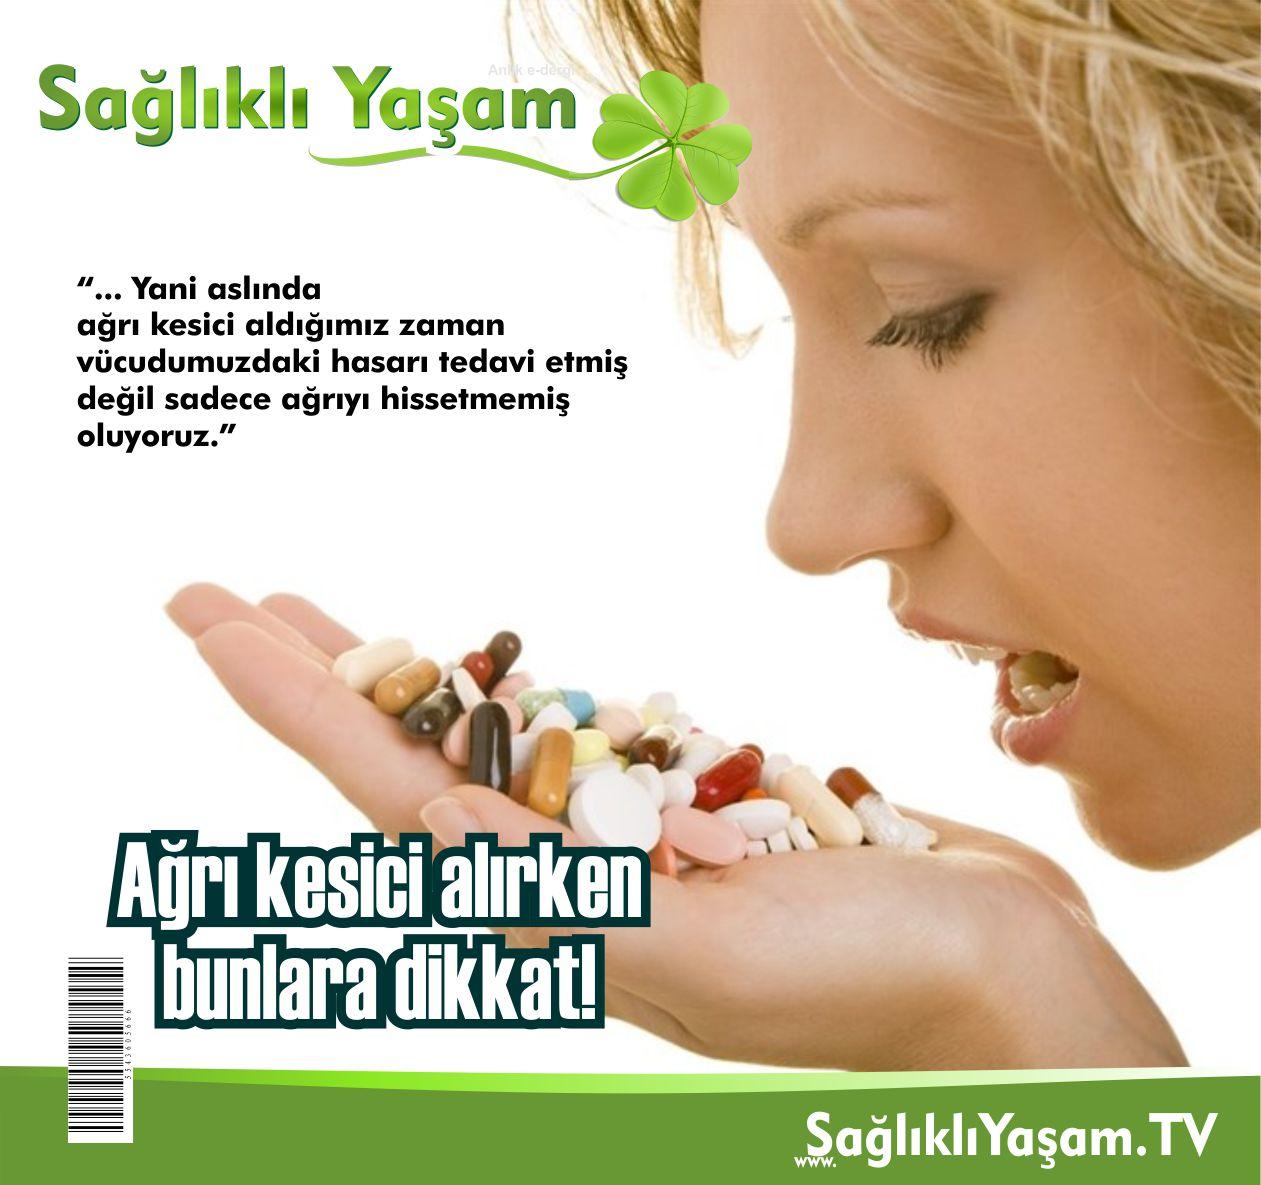 Sağlıklı Yaşam, Ağrı kesicilerin zararları, Baş ağrısı, Diş ağrısı, Artrit, Adet sancısı, Gut,